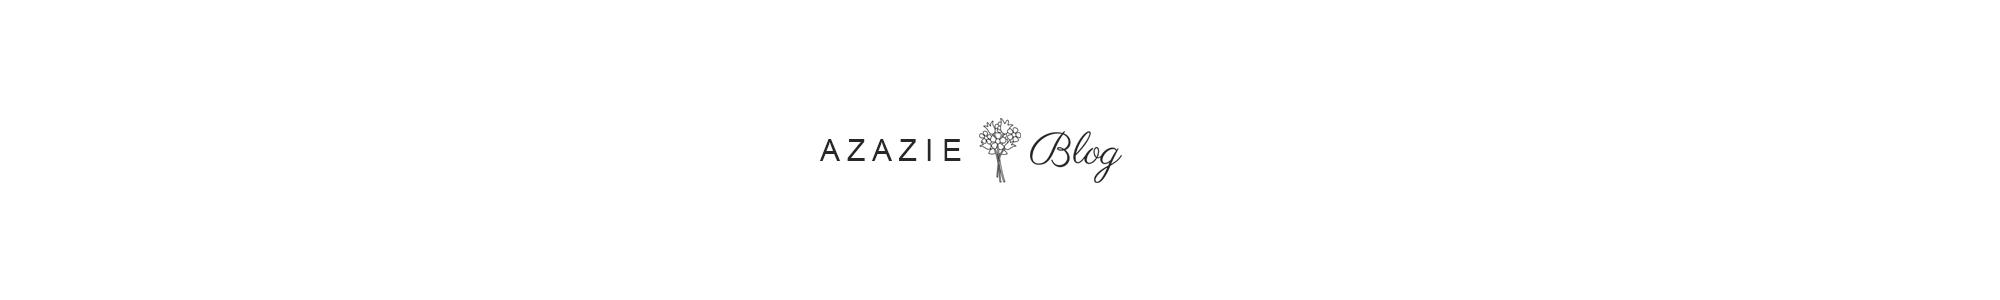 headerblog4